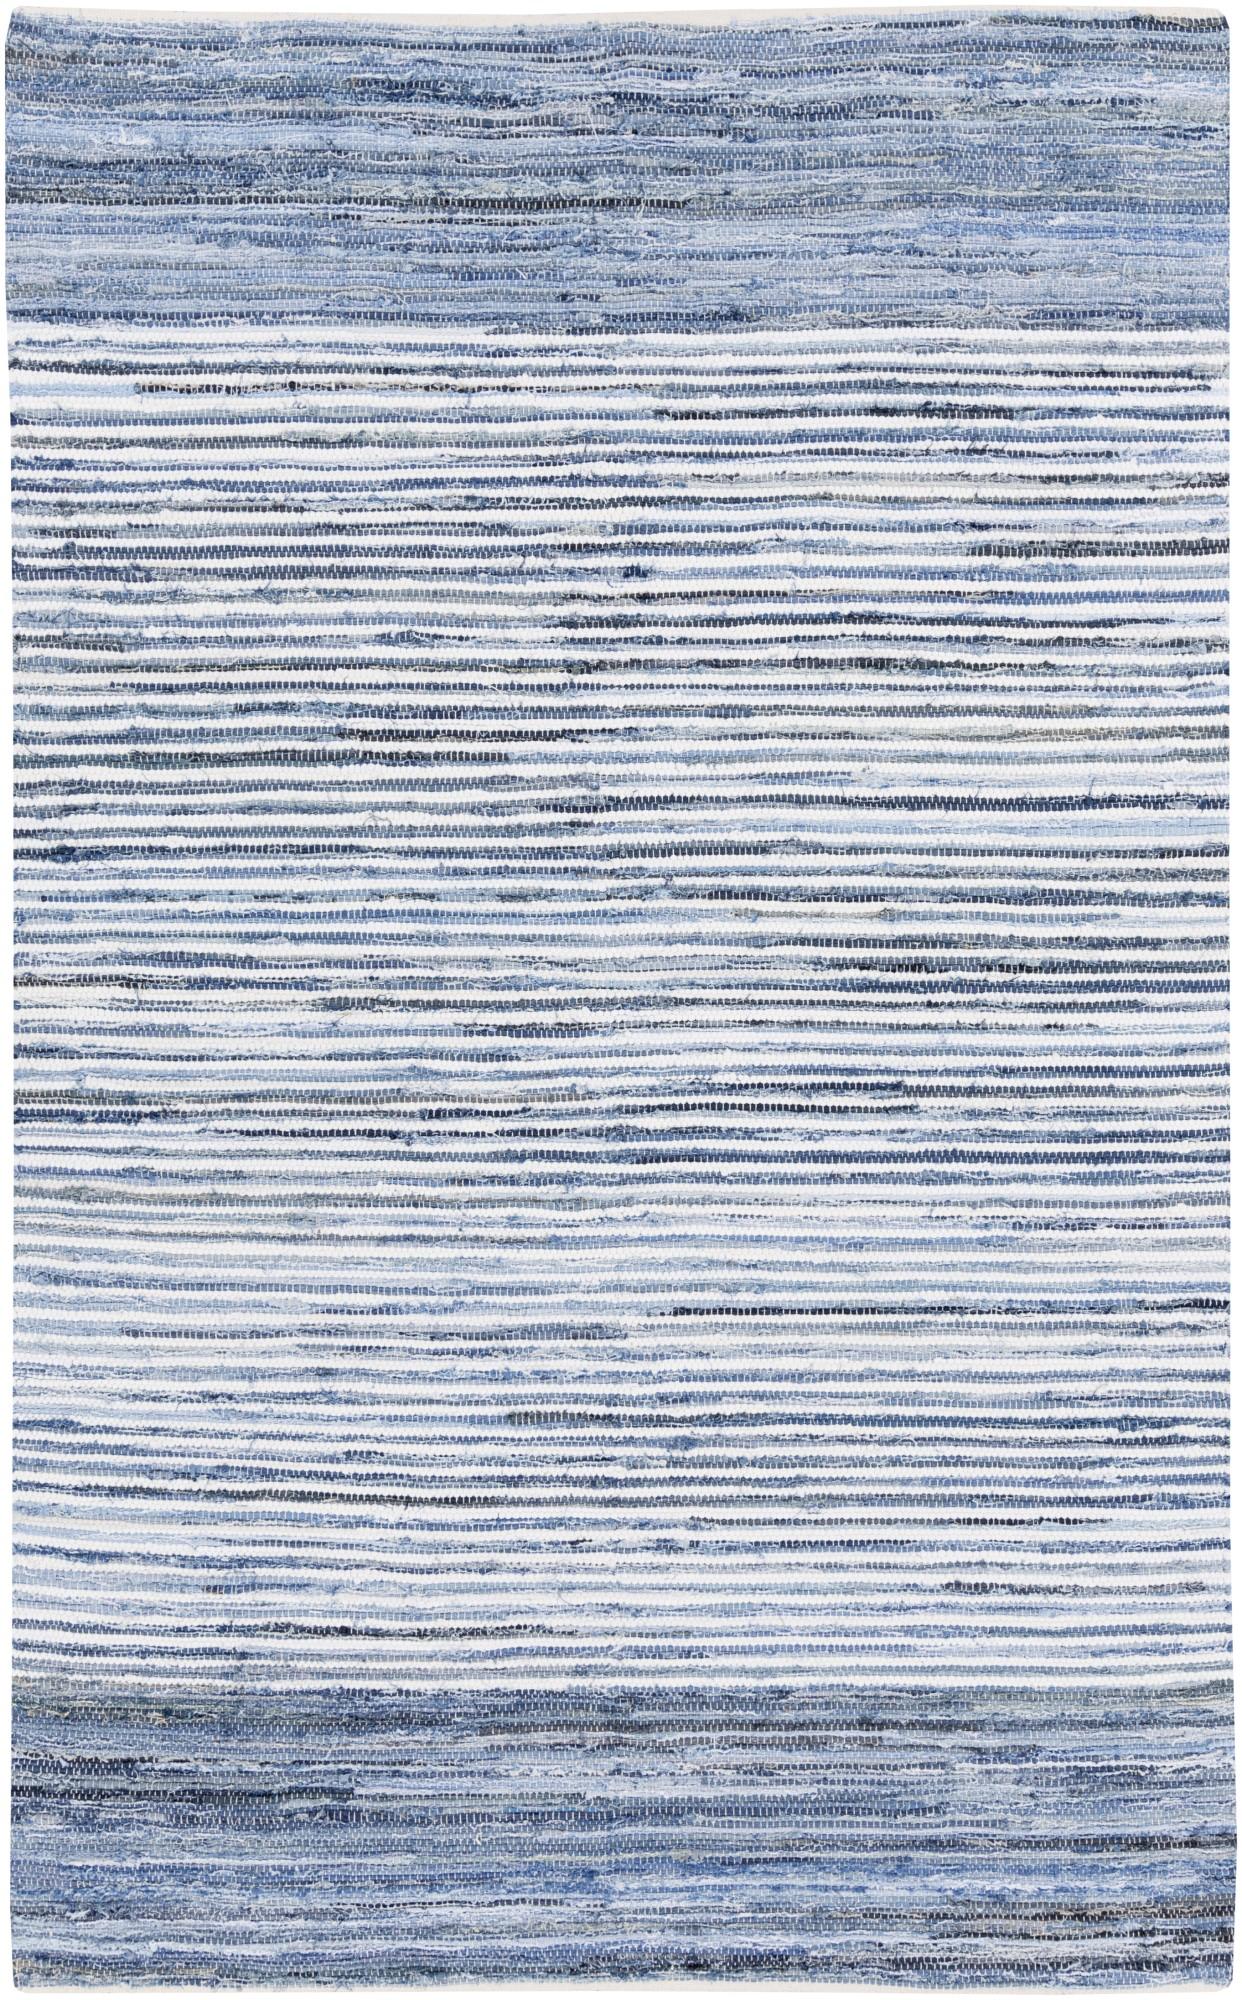 Surya Denim Dnm 1001 Rug Striped